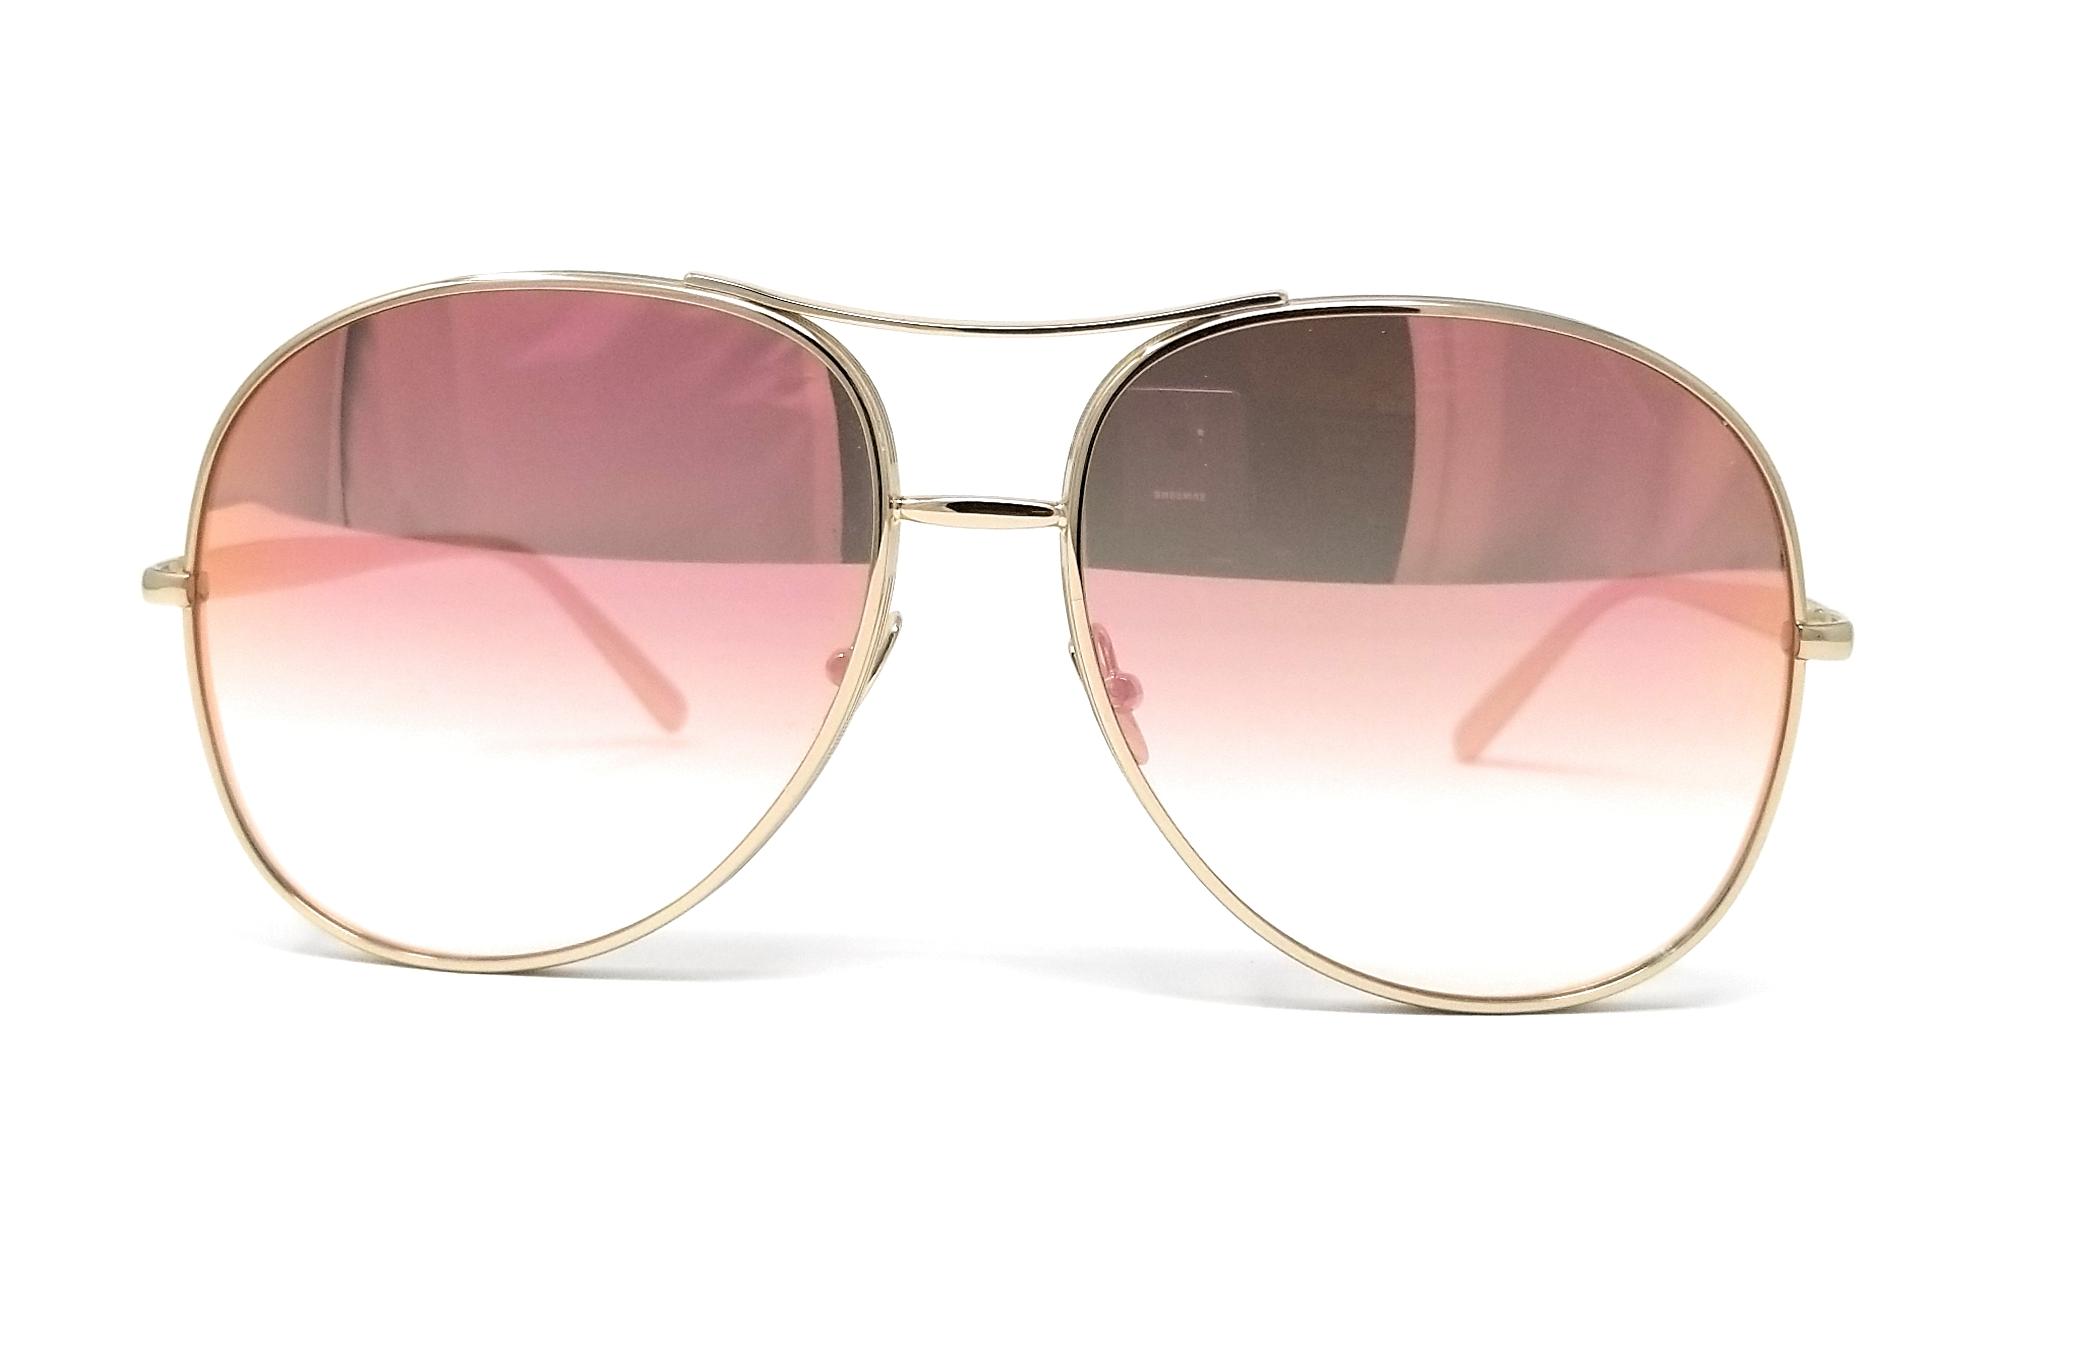 853a12231a718 CHLOE Sunglasses CE127S 778 Gold Rose Peach Aviator 61x16x135